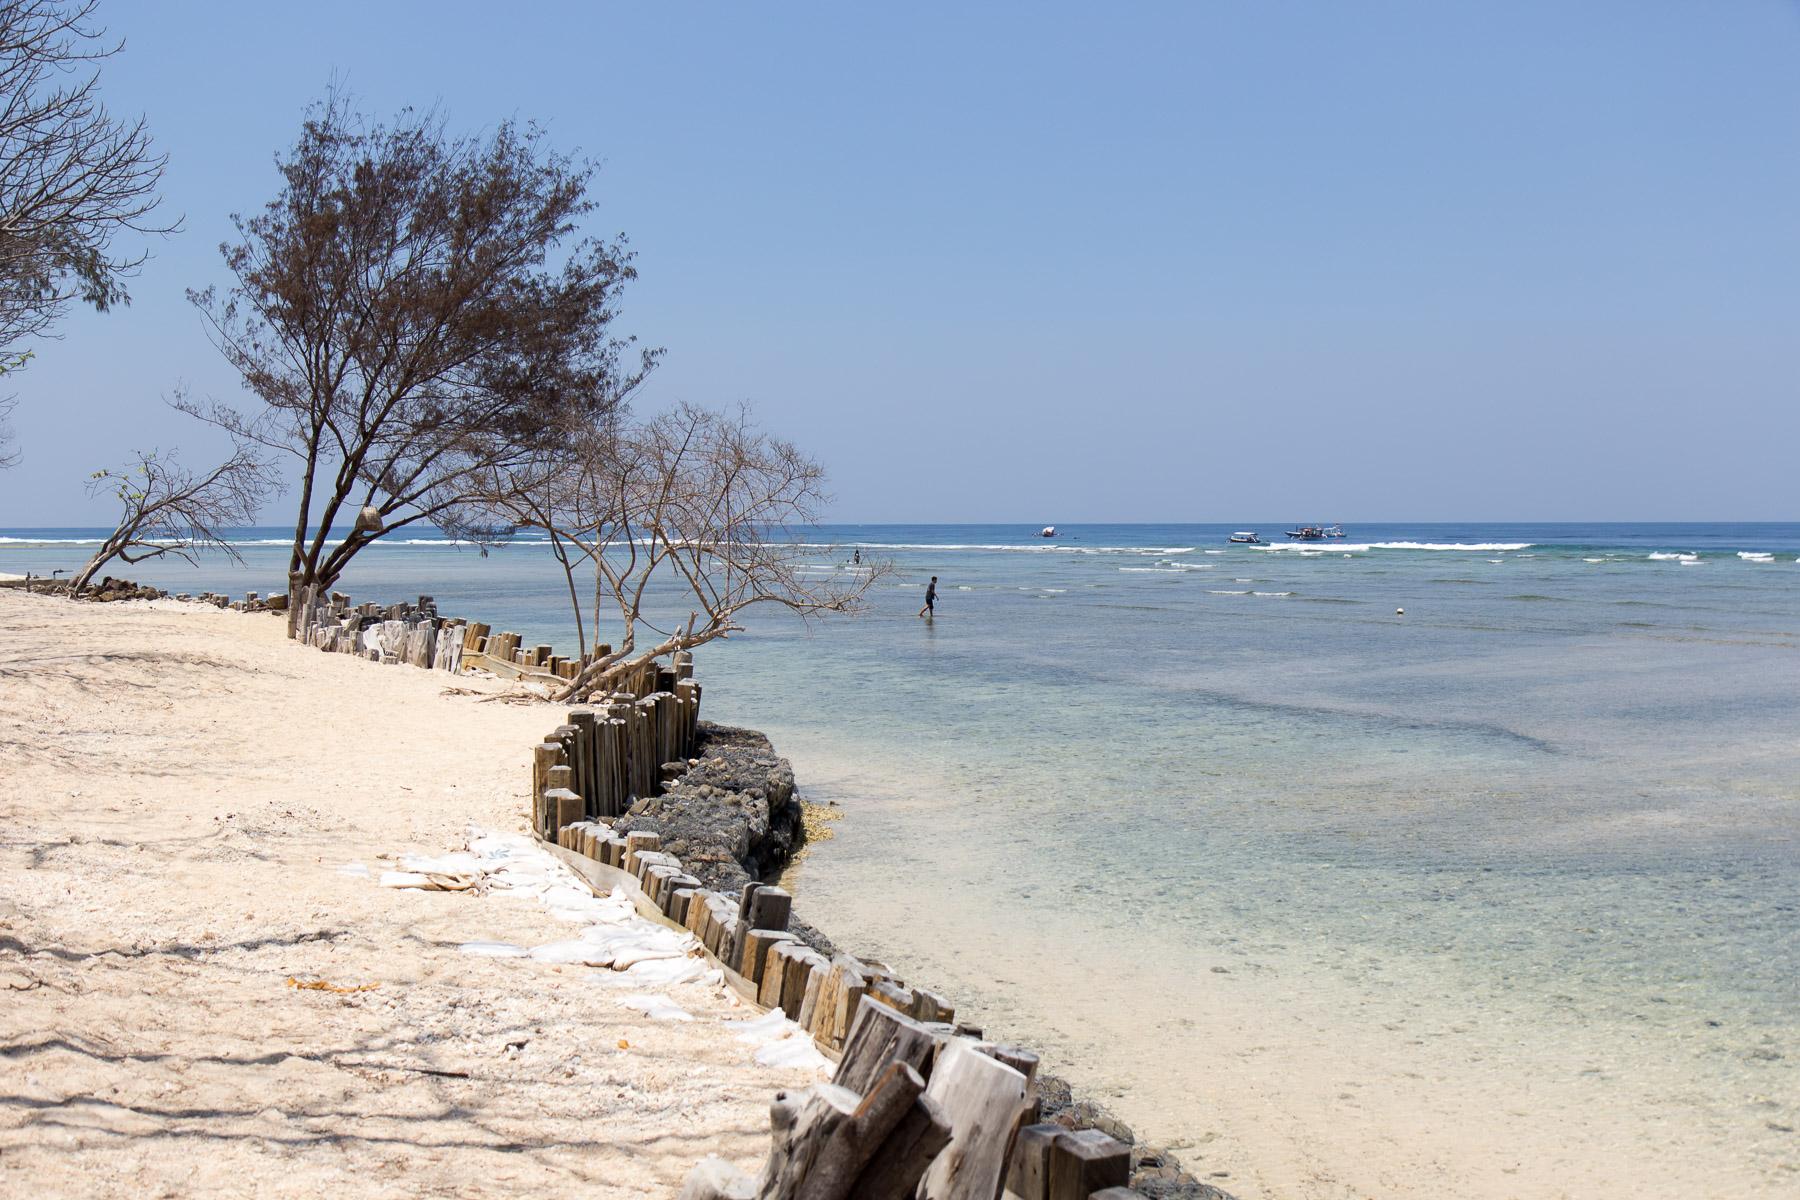 Bali2015-17-019